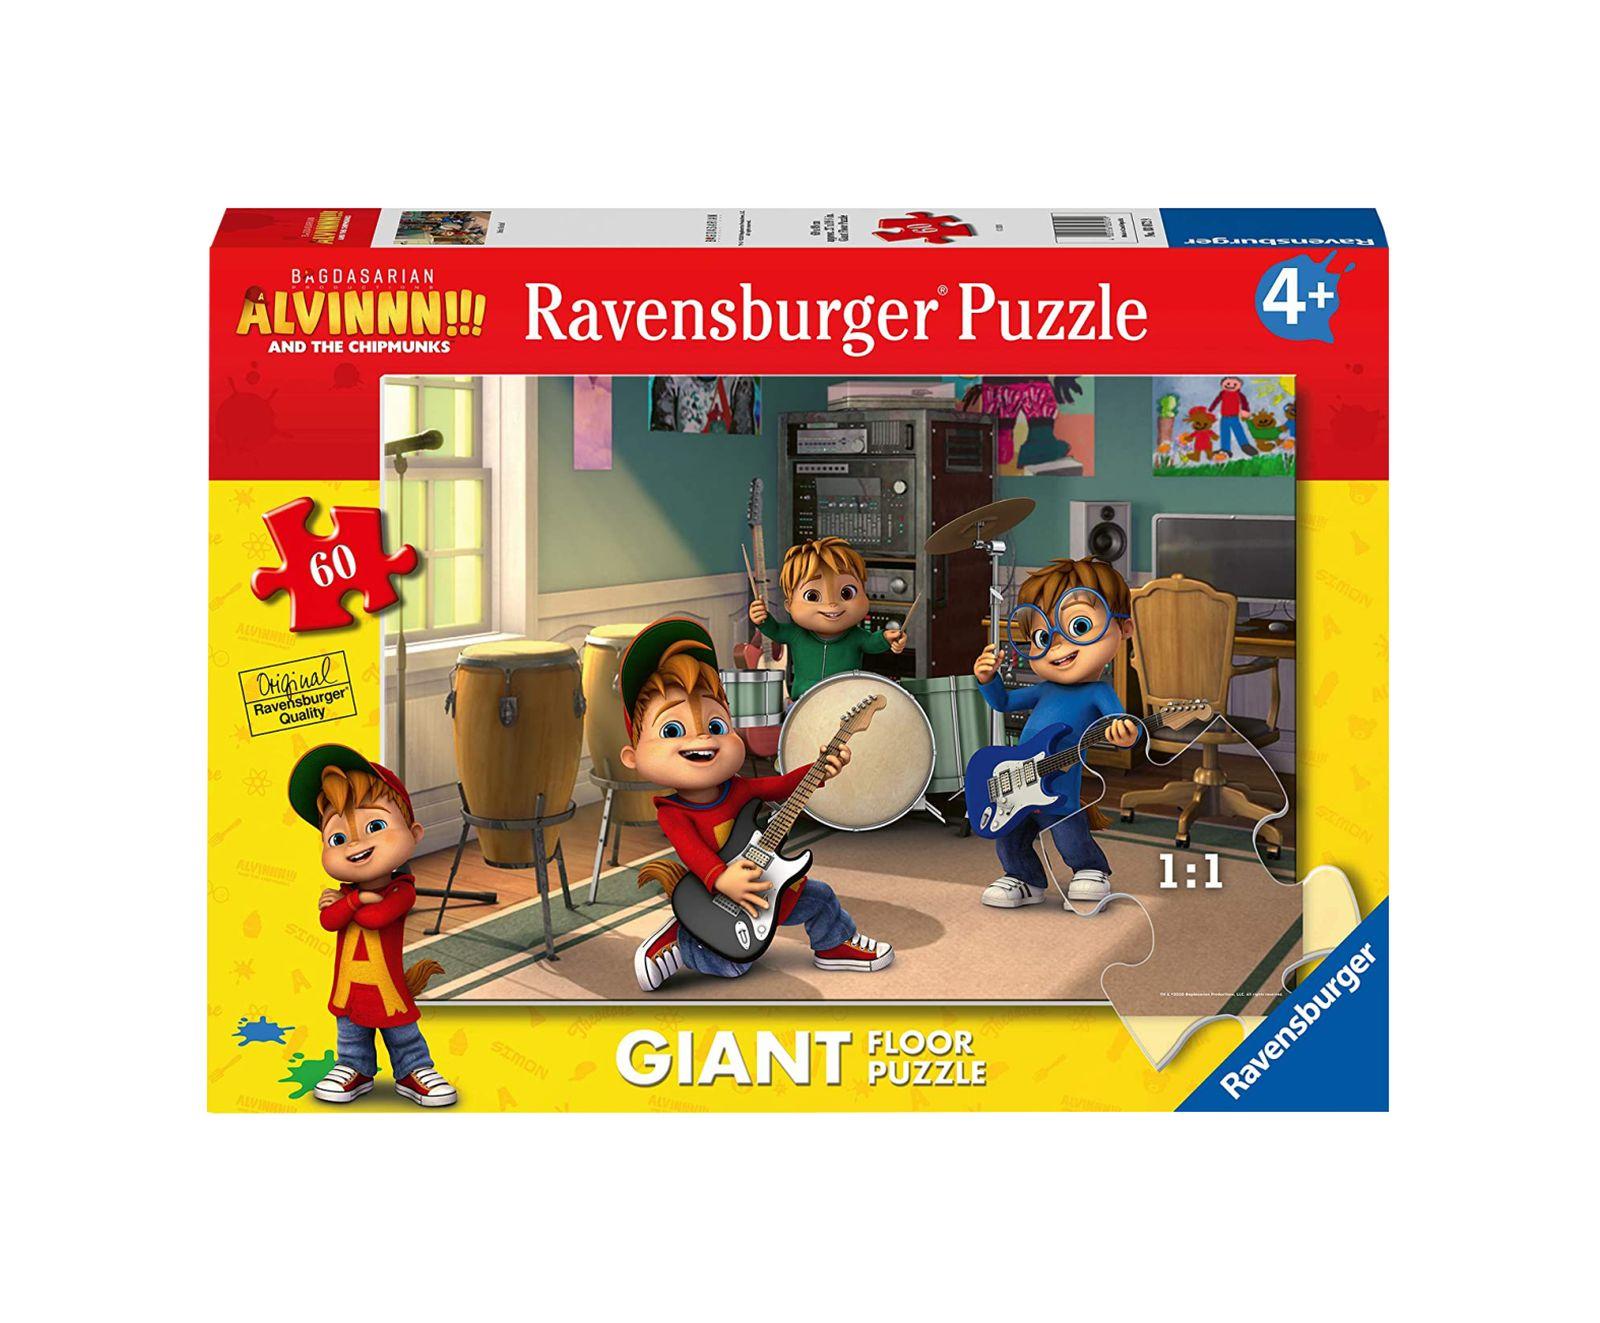 Ravensburger puzzle 60 pezzi giant alvin - Ravensburger1